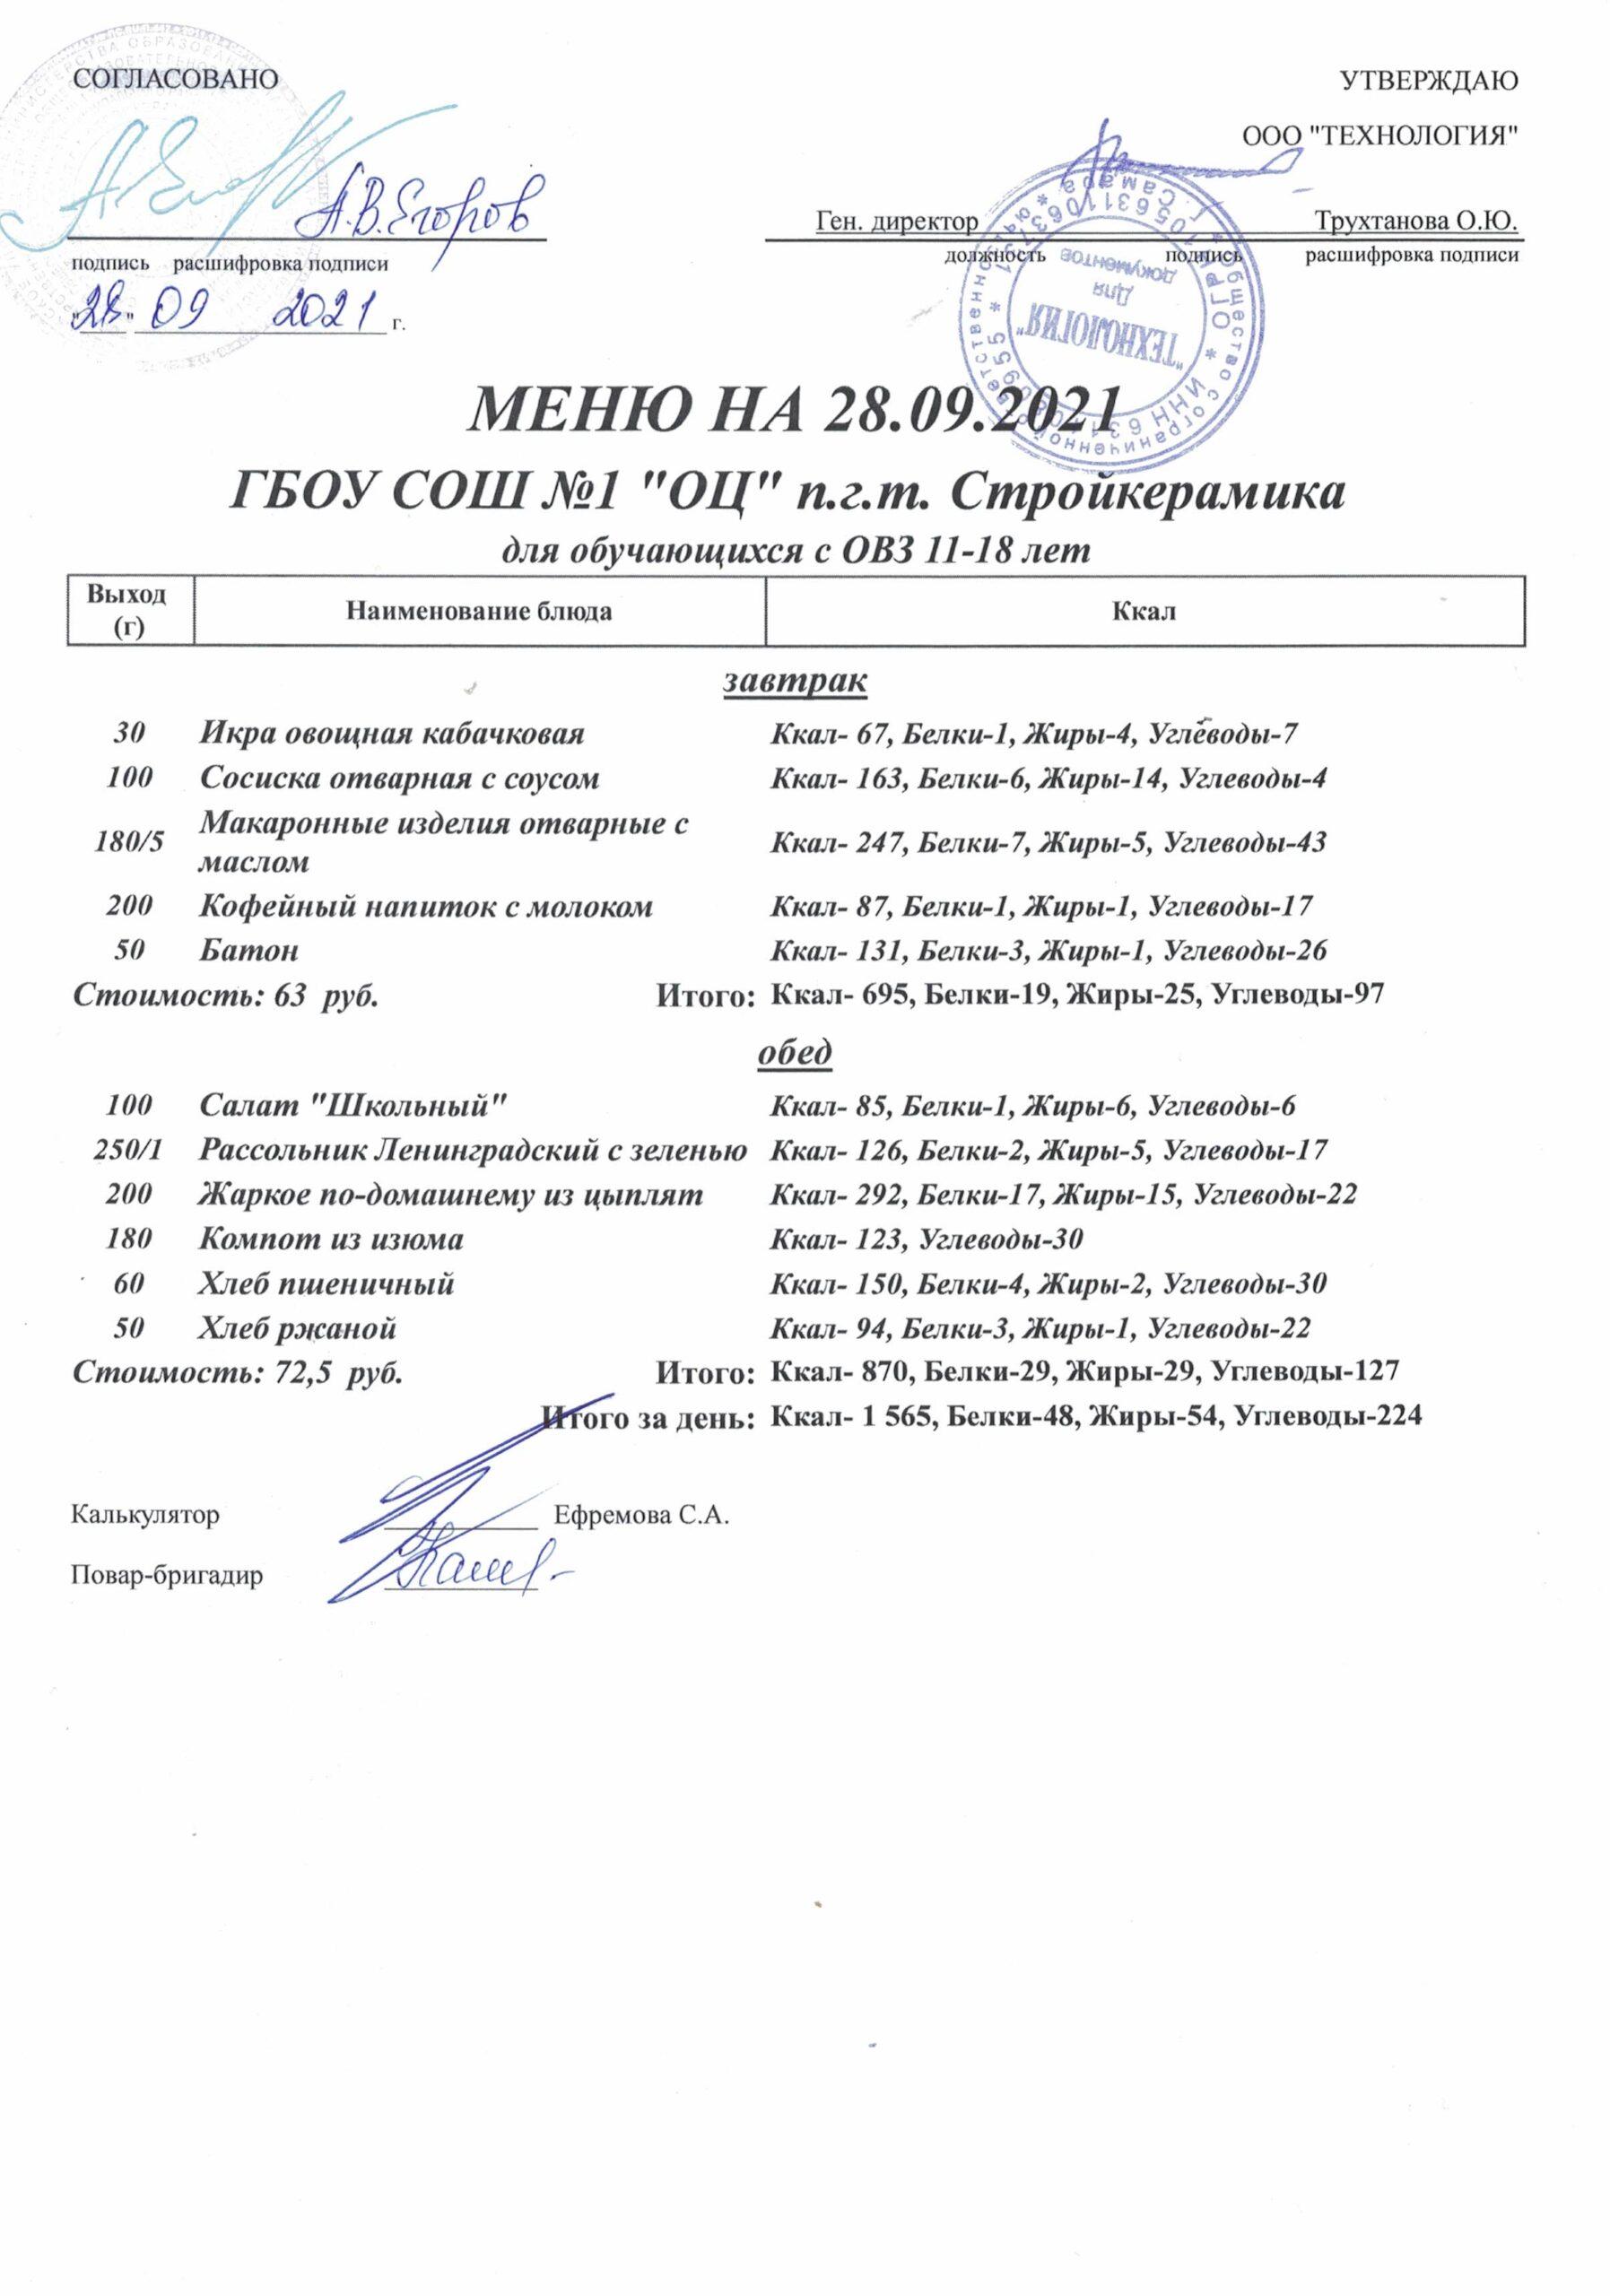 527735A0-EAAD-4B24-87EB-DF38233EEC60